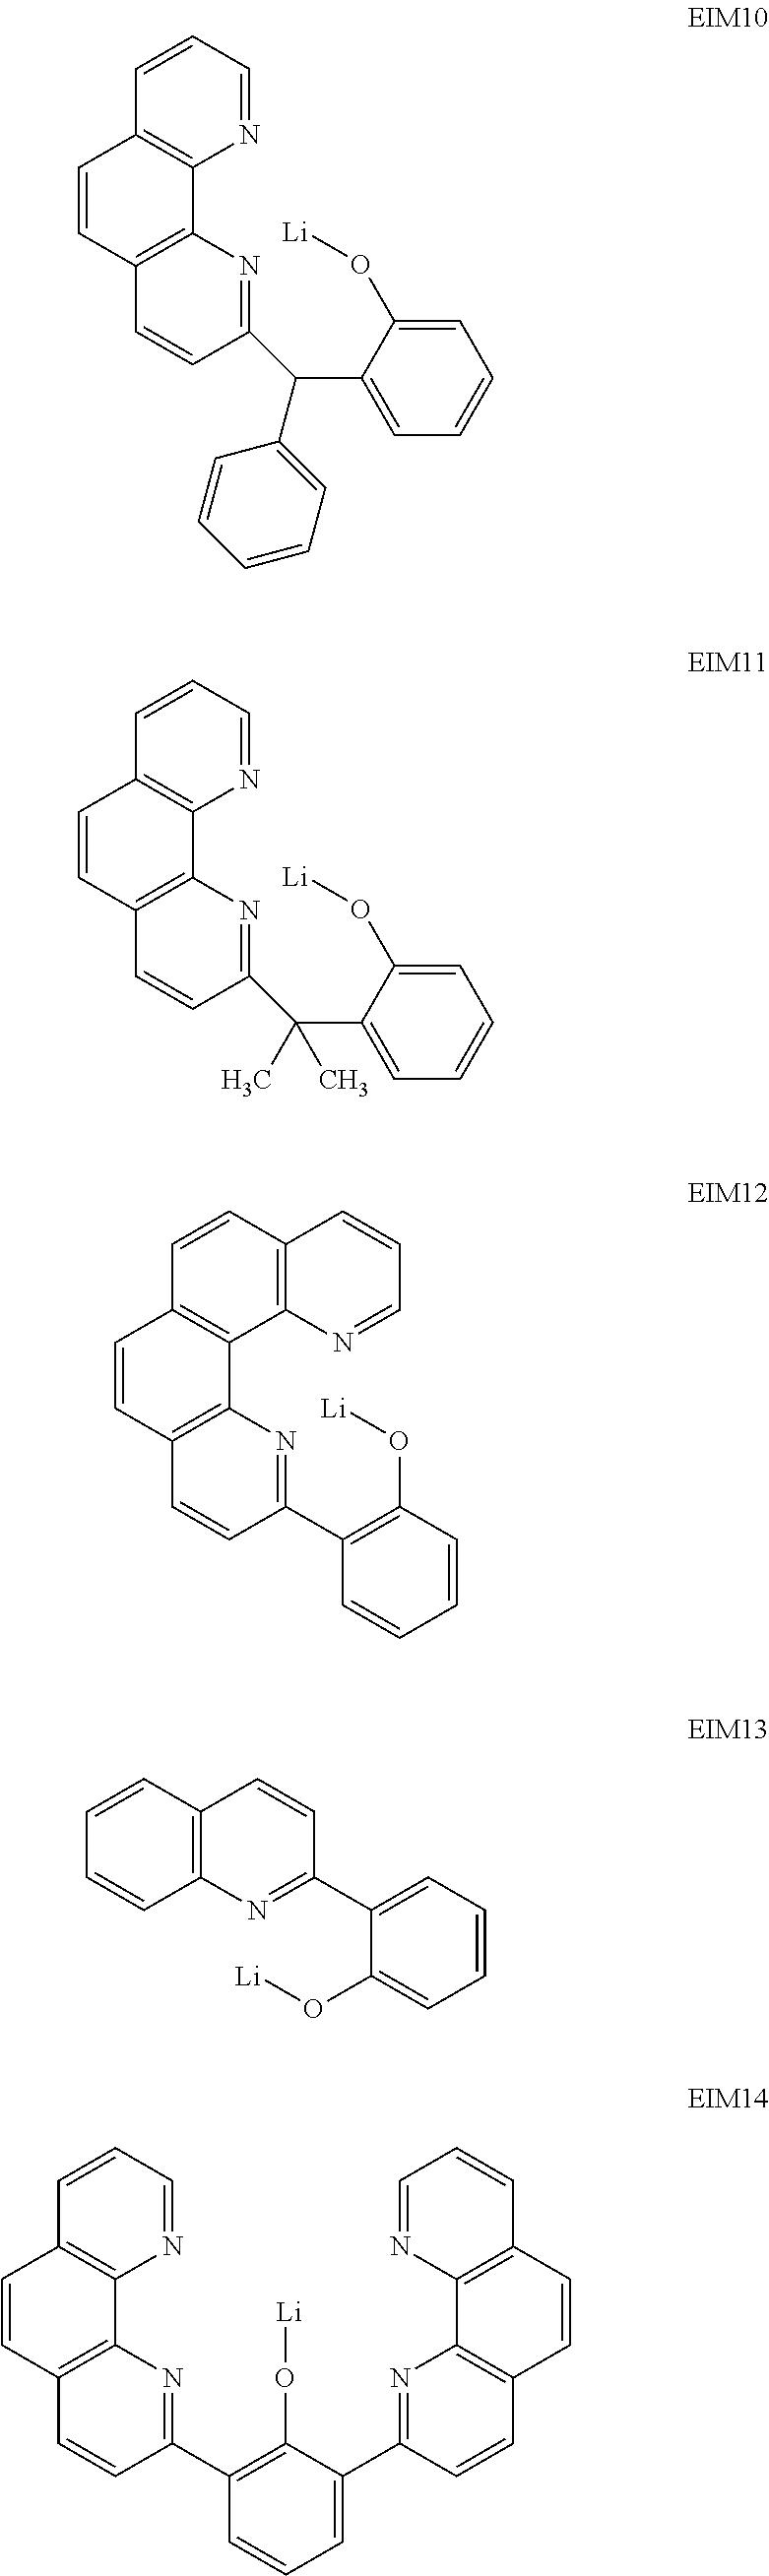 Figure US08420229-20130416-C00081